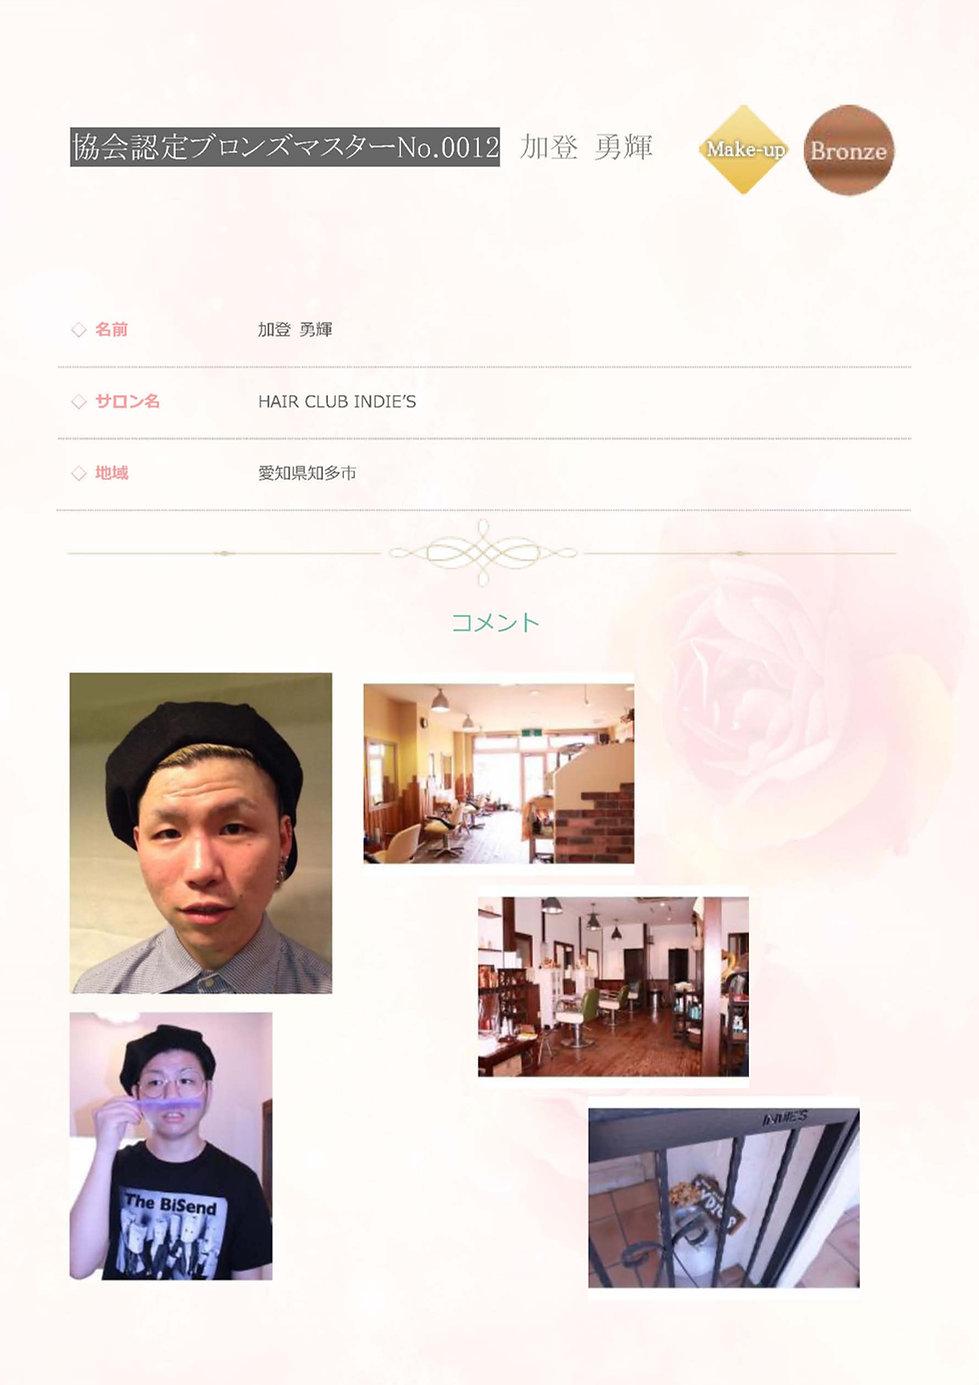 加登勇輝 0012 認定ブロンズマスター メイク 愛知県 知多市